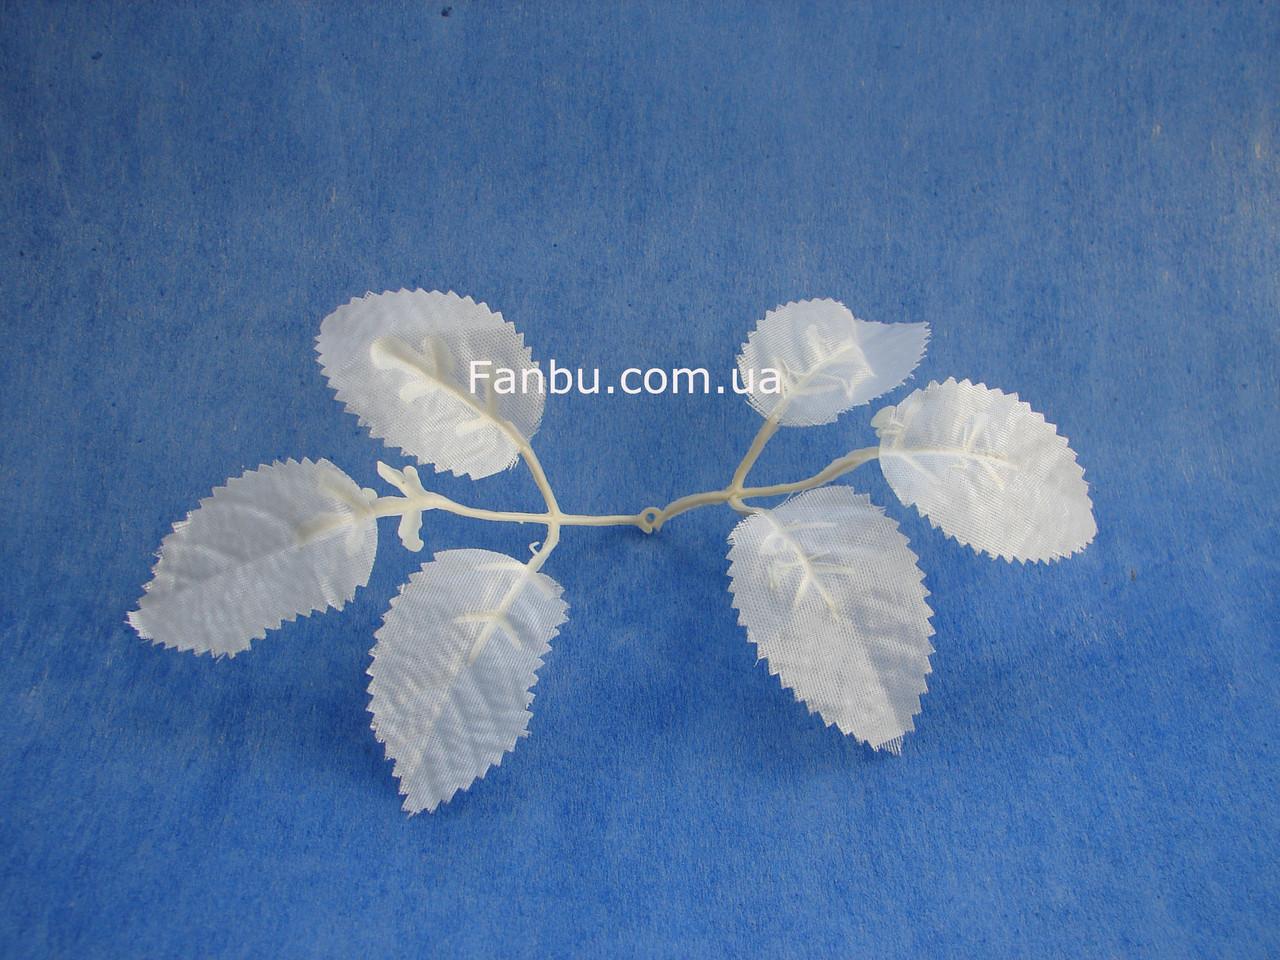 Искусственные белые листья розы, на 1 розетке 6 листочков, фото 1